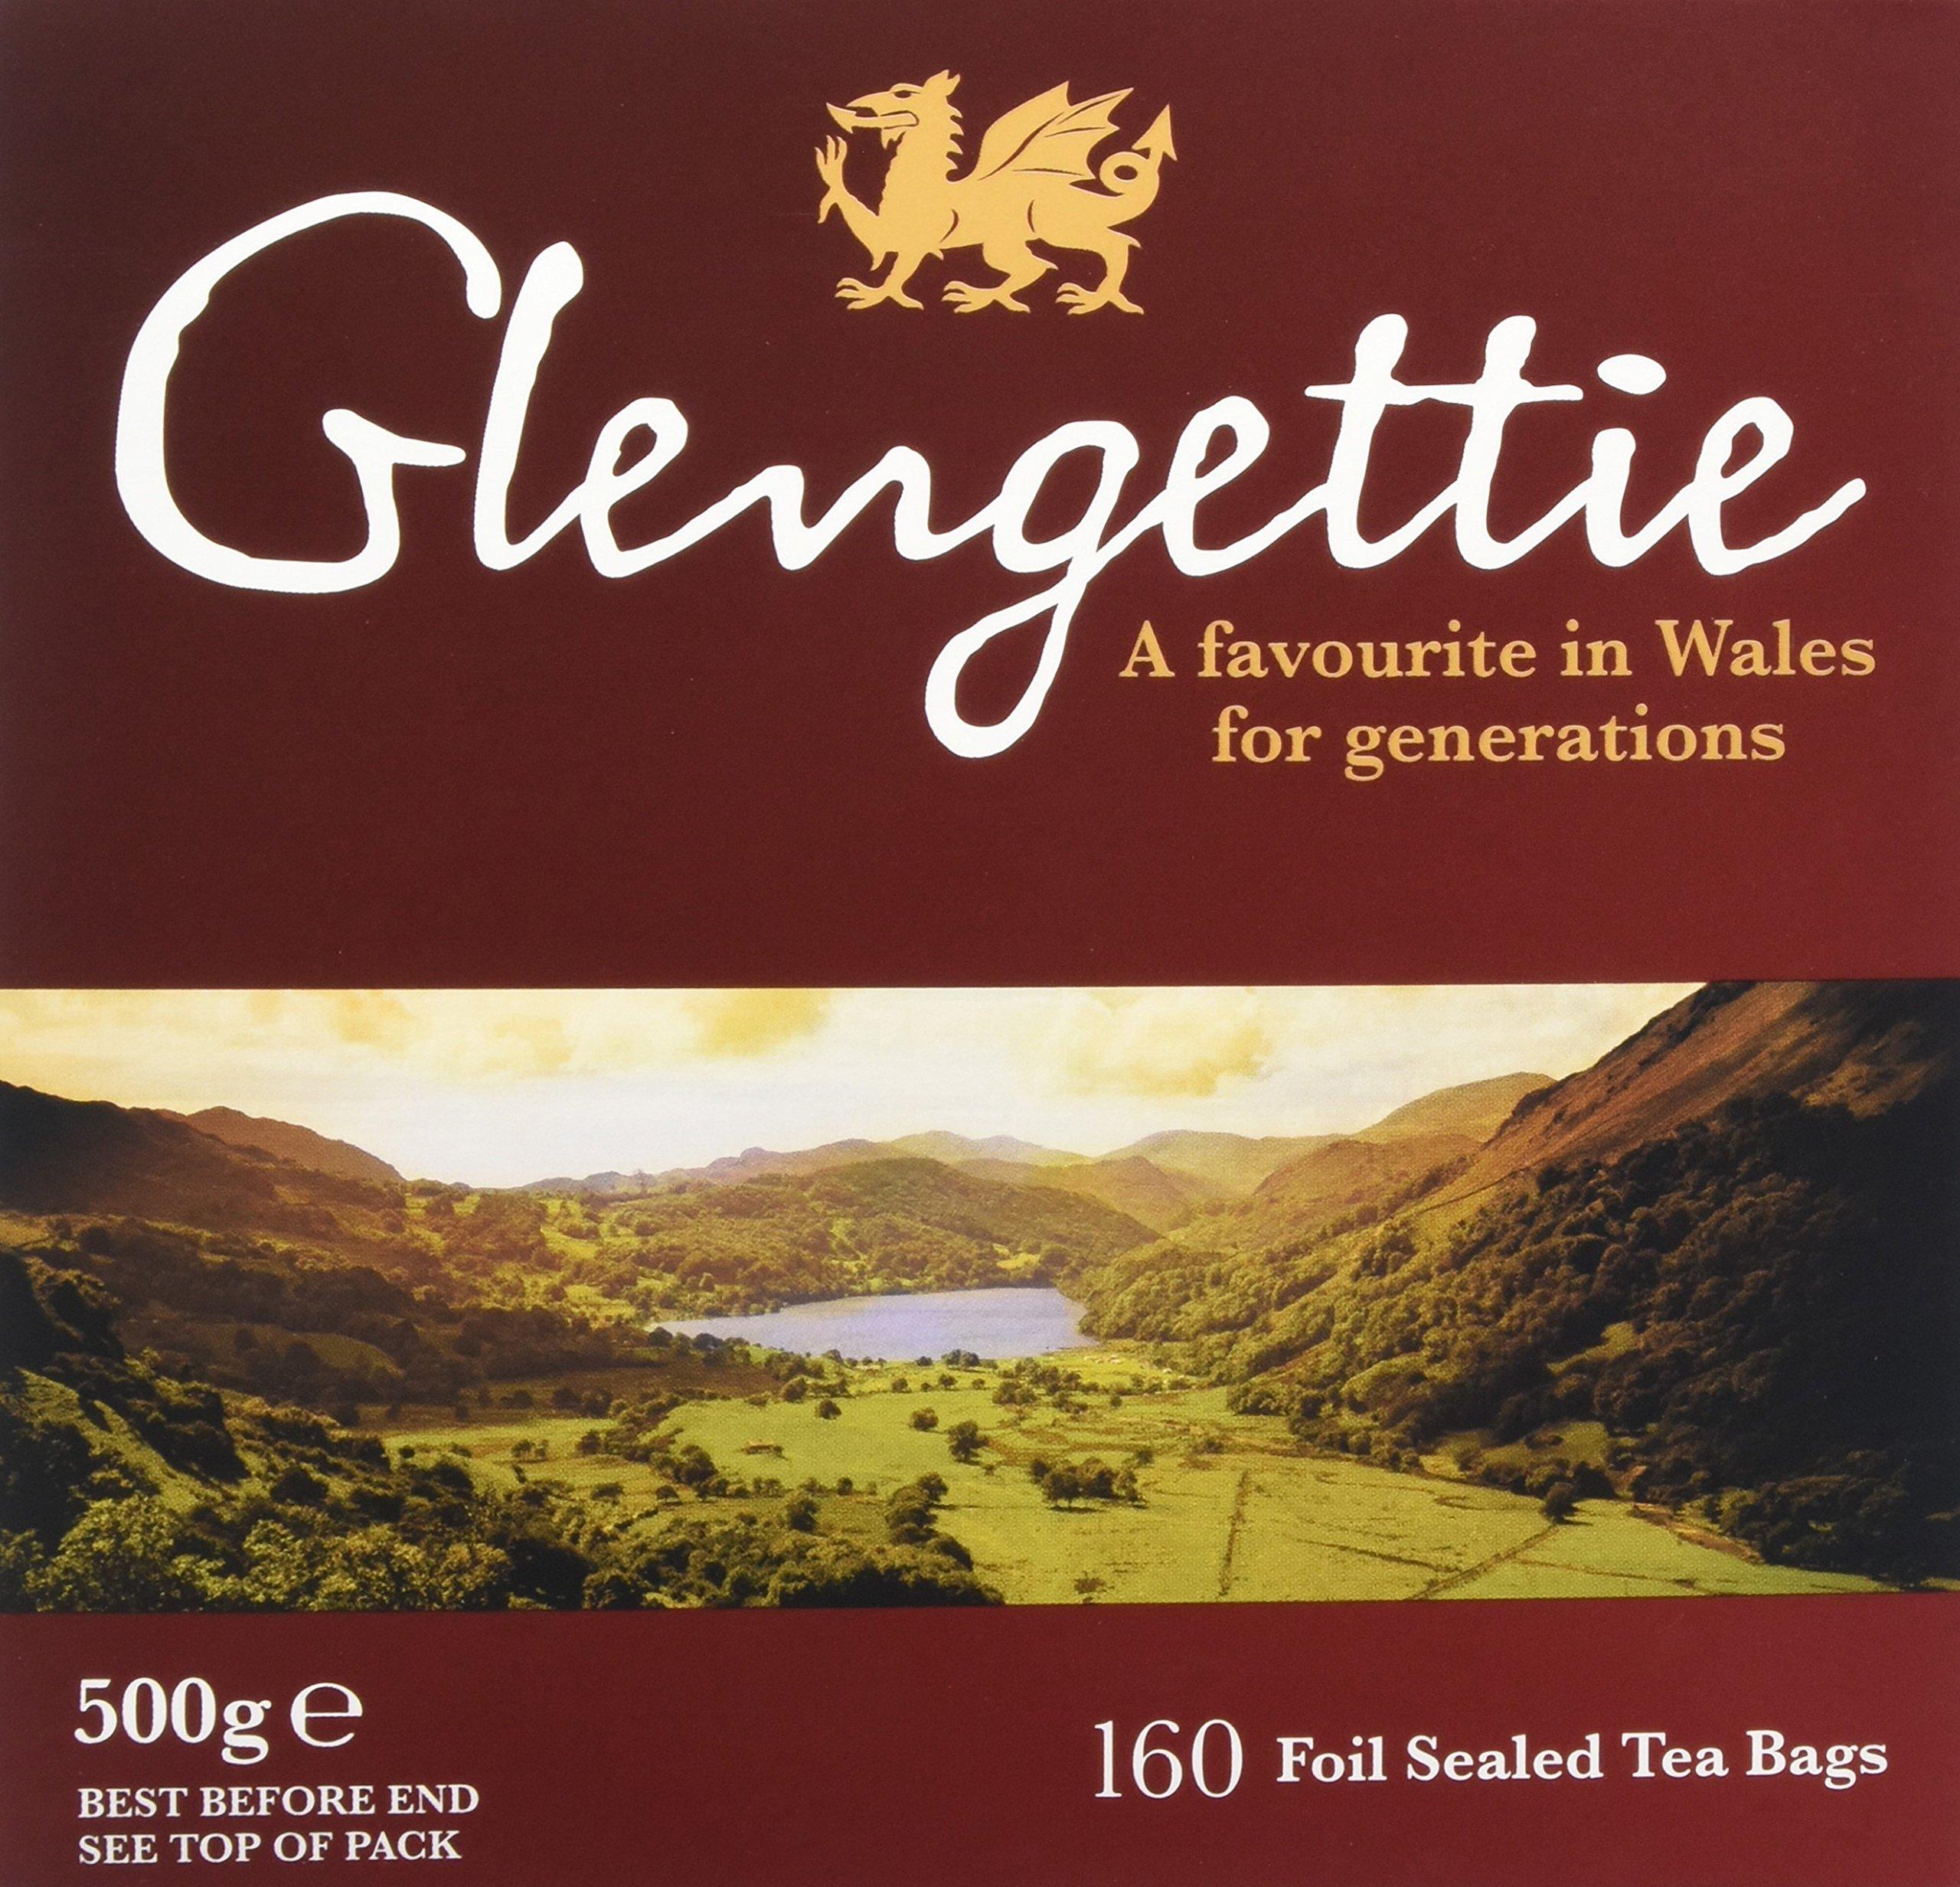 Glengettie everyday tea bundle (black tea) (everyday) (6 packs of 160 bags) (960 bags) (brews in 3-5 minutes)